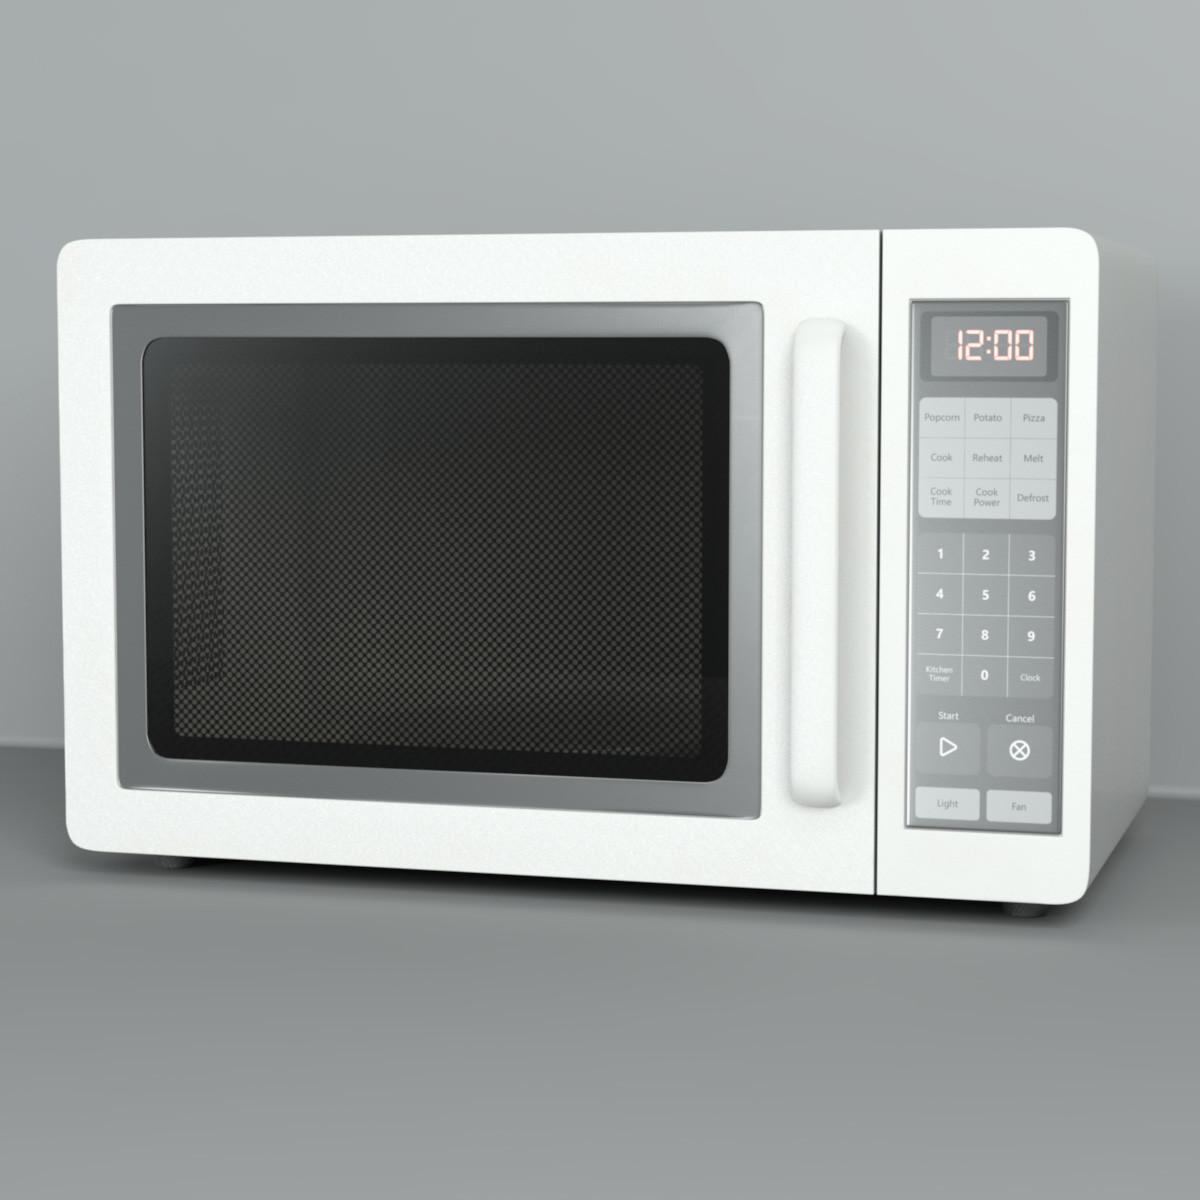 microwave01.jpg